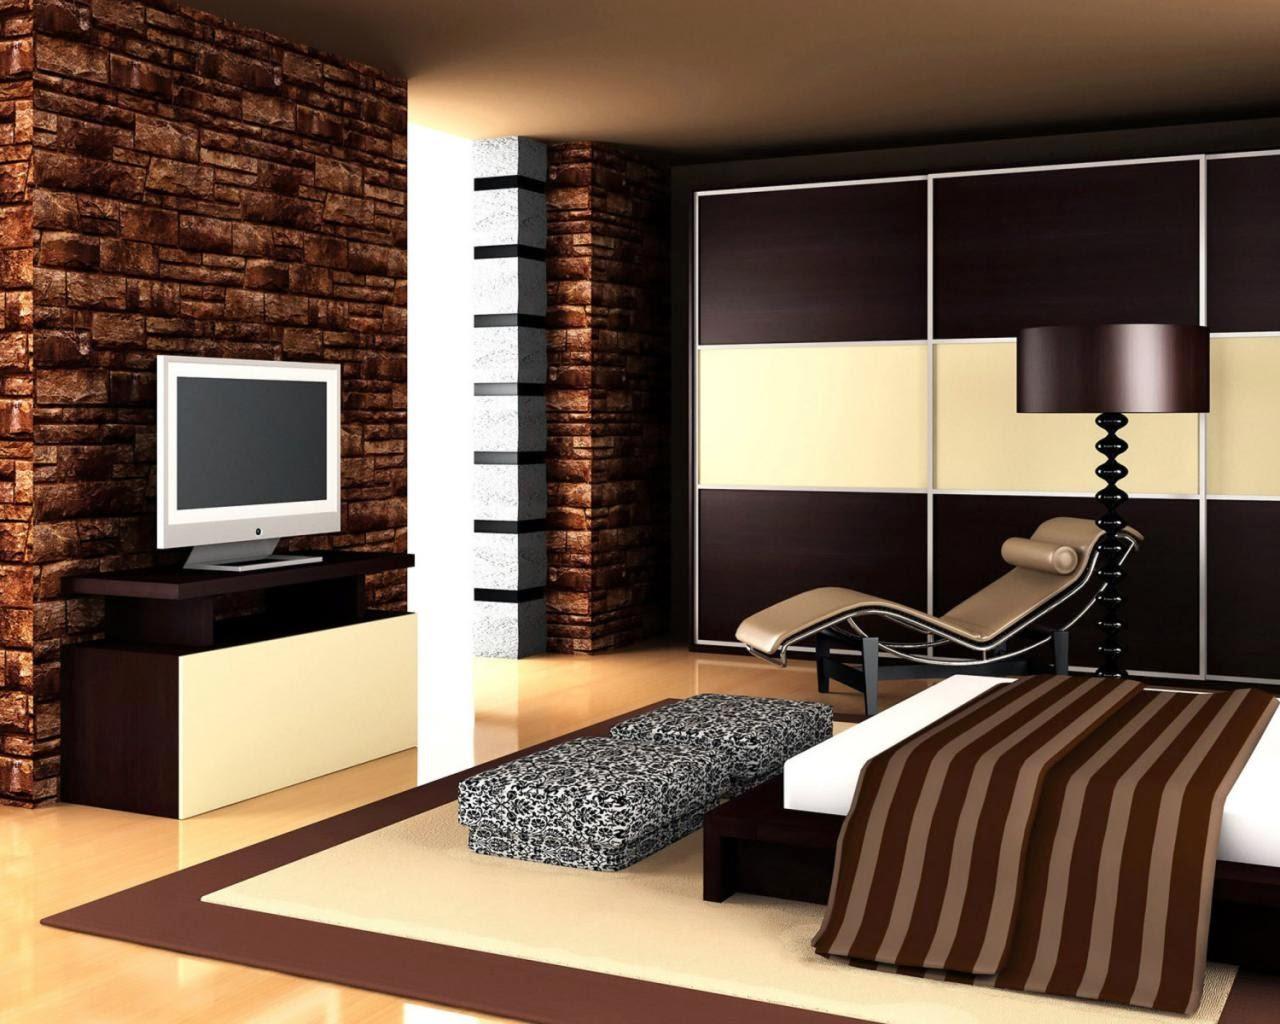 غرفْ نومْ تجميعي 2015 bntpal_1432544216_79